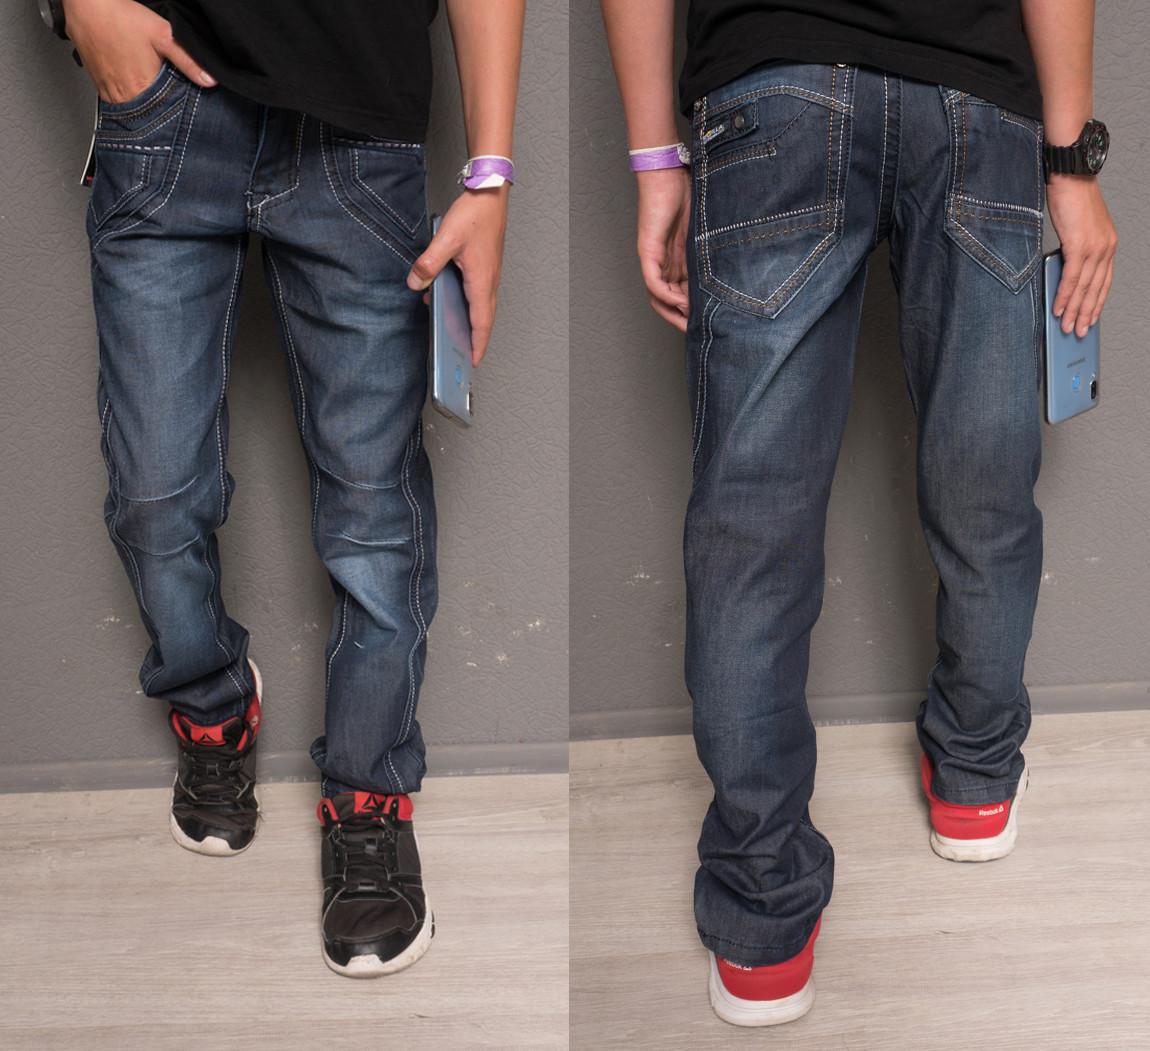 0116 Longli джинсы на мальчика модные синие осенние котоновые (30-35, 6 ед.)